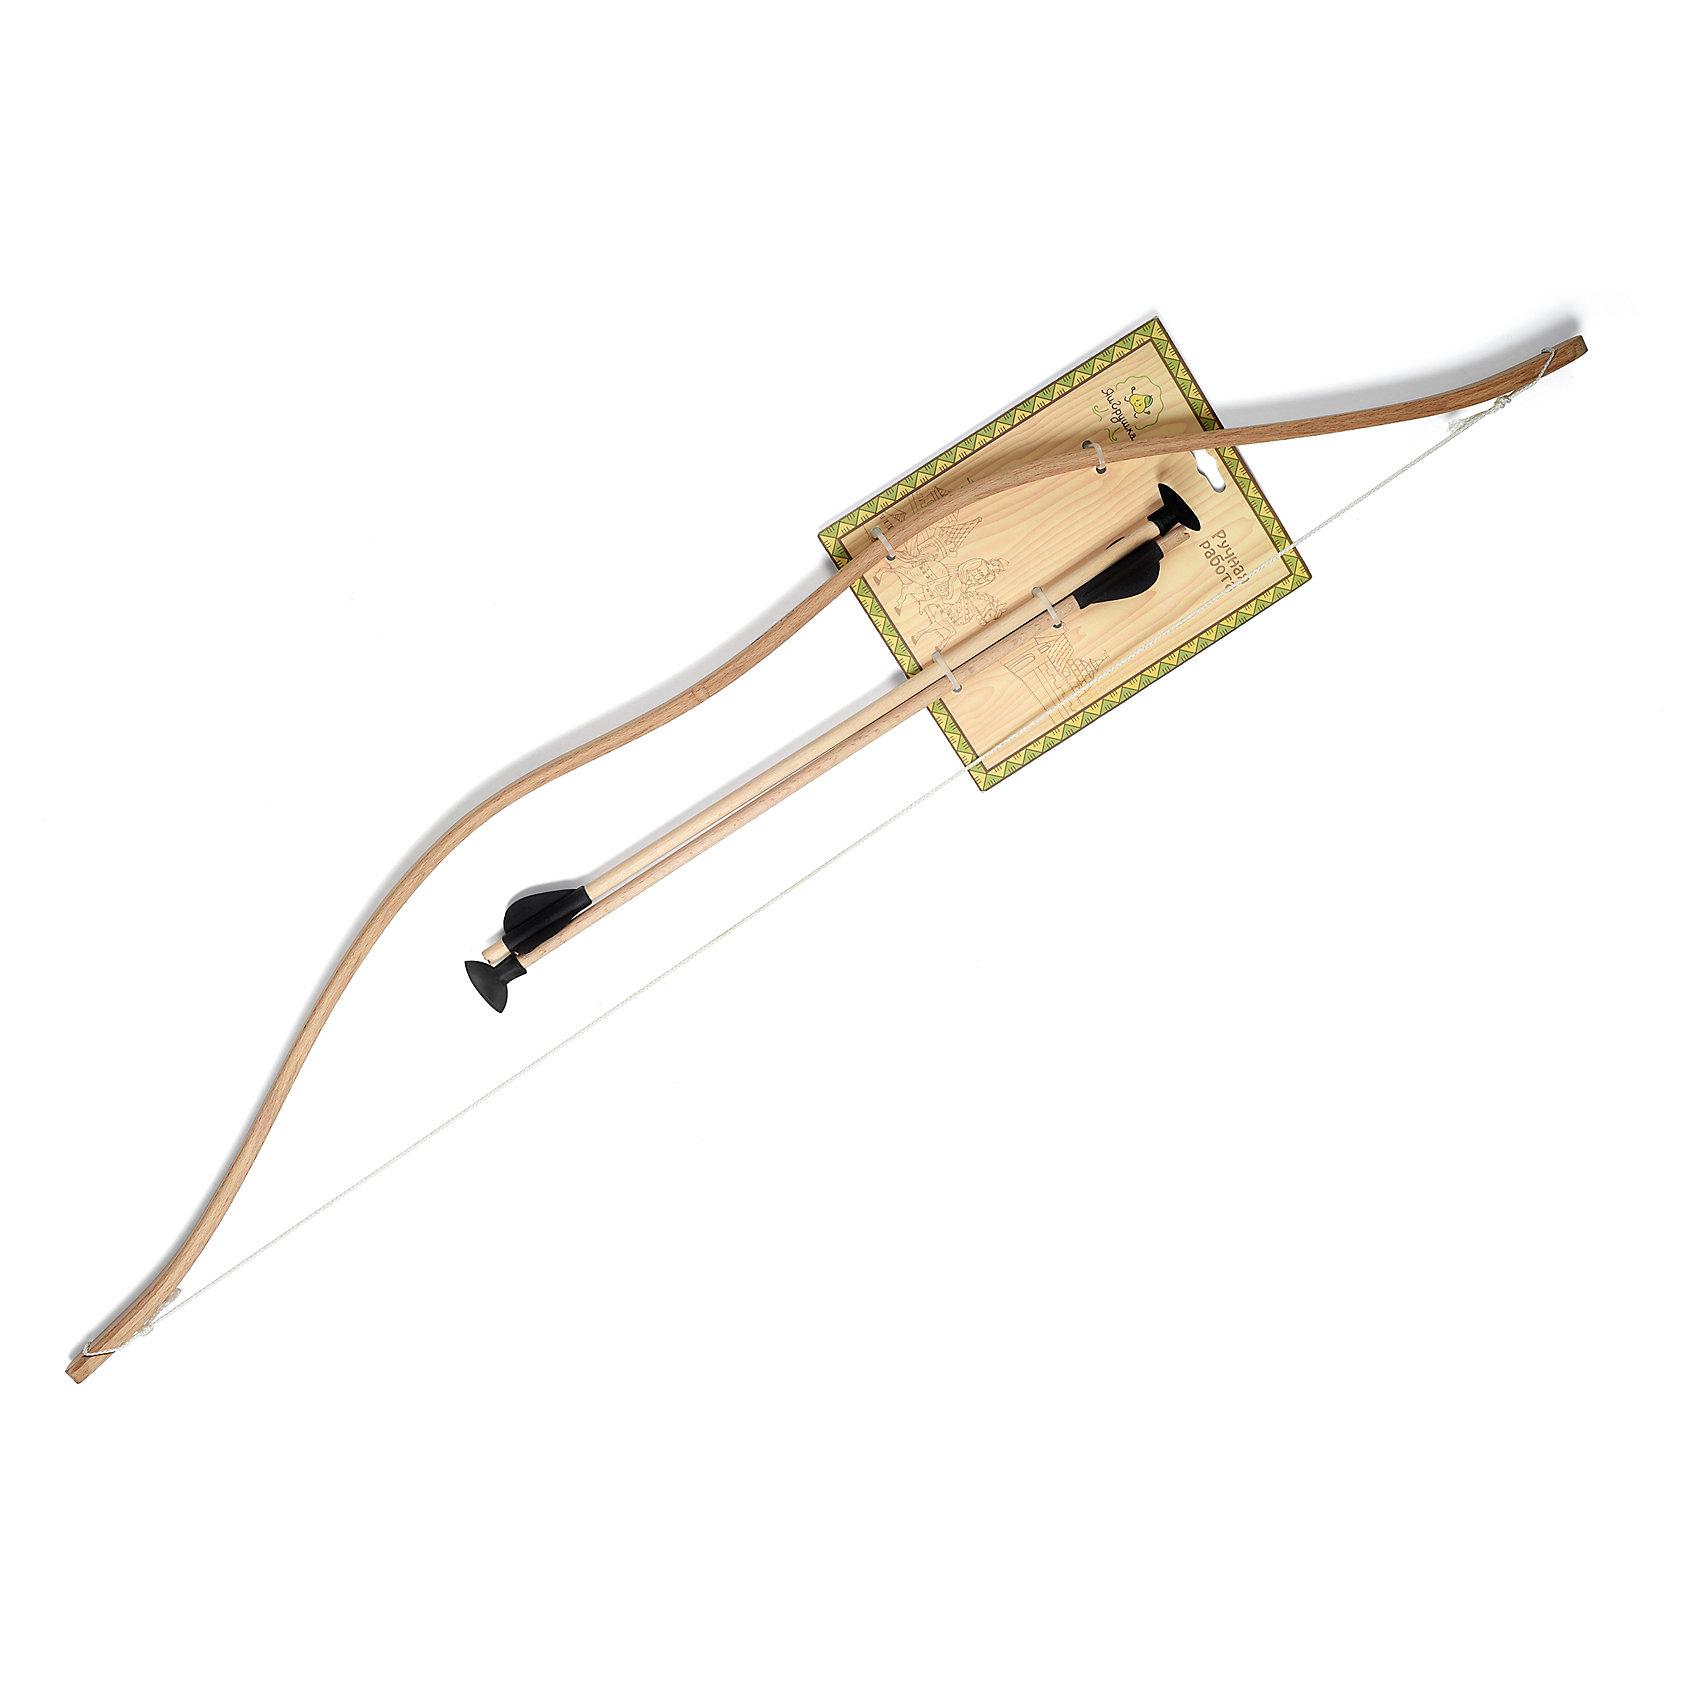 Комплект стрел для лука 2 шт, ЯиГрушкаИгрушечные арбалеты и луки<br>Характеристики товара:<br><br>• возраст: от 4 лет<br>• материал: дерево<br>• в наборе 2 стрелы<br>• длина стрелы 40 см<br>• размер упаковки 46,5х12х3,5 см<br>• вес упаковки 60 г.<br>• страна бренда: Россия<br>• страна производитель: Россия<br><br>Комплект стрел для лука, 2 шт. ЯиГрушка — необходимый атрибут для проведения соревнований среди юных лучников. Дети смогут разнообразить прогулку на свежем воздухе, устроив состязание на определение самого меткого стрелка.<br><br>Стрелы изготовлены из дерева. Наконечник стрелы не острый, с резиновой накладкой, что исключает нанесение случайных травм.<br><br>Комплект стрел для лука, 2 шт. ЯиГрушка можно приобрести в нашем интернет-магазине.<br><br>Ширина мм: 120<br>Глубина мм: 35<br>Высота мм: 465<br>Вес г: 60<br>Возраст от месяцев: 36<br>Возраст до месяцев: 2147483647<br>Пол: Мужской<br>Возраст: Детский<br>SKU: 5516724